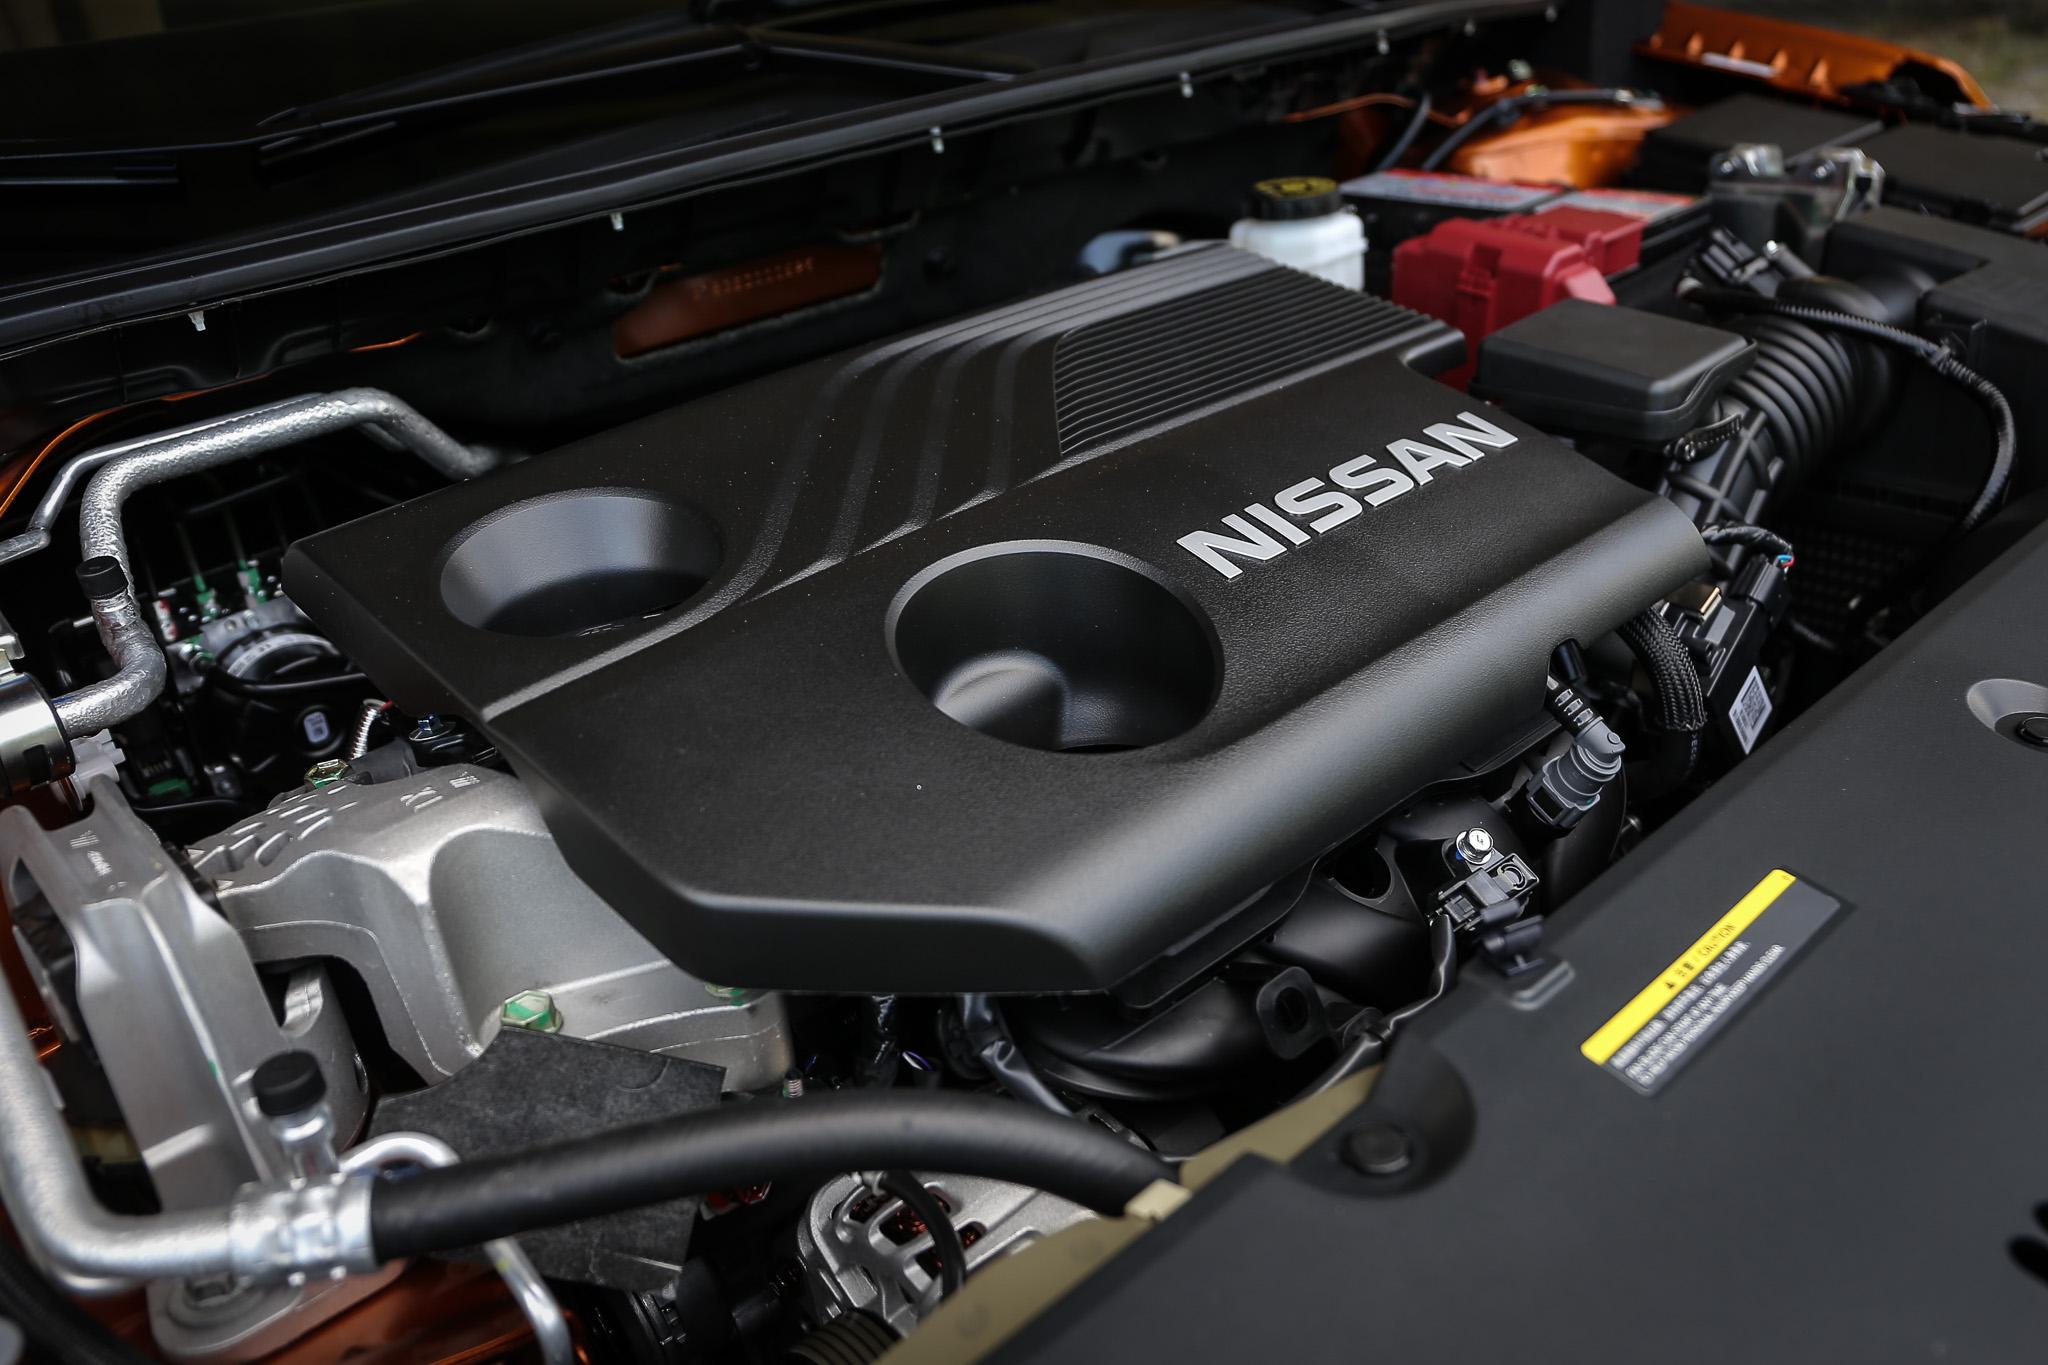 新世代 Sentra 搭載 1.6升自然進氣汽油引擎,具備 138ps/6300rpm 最大馬力與 17.2kgm/4000rpm 最大扭力輸出。